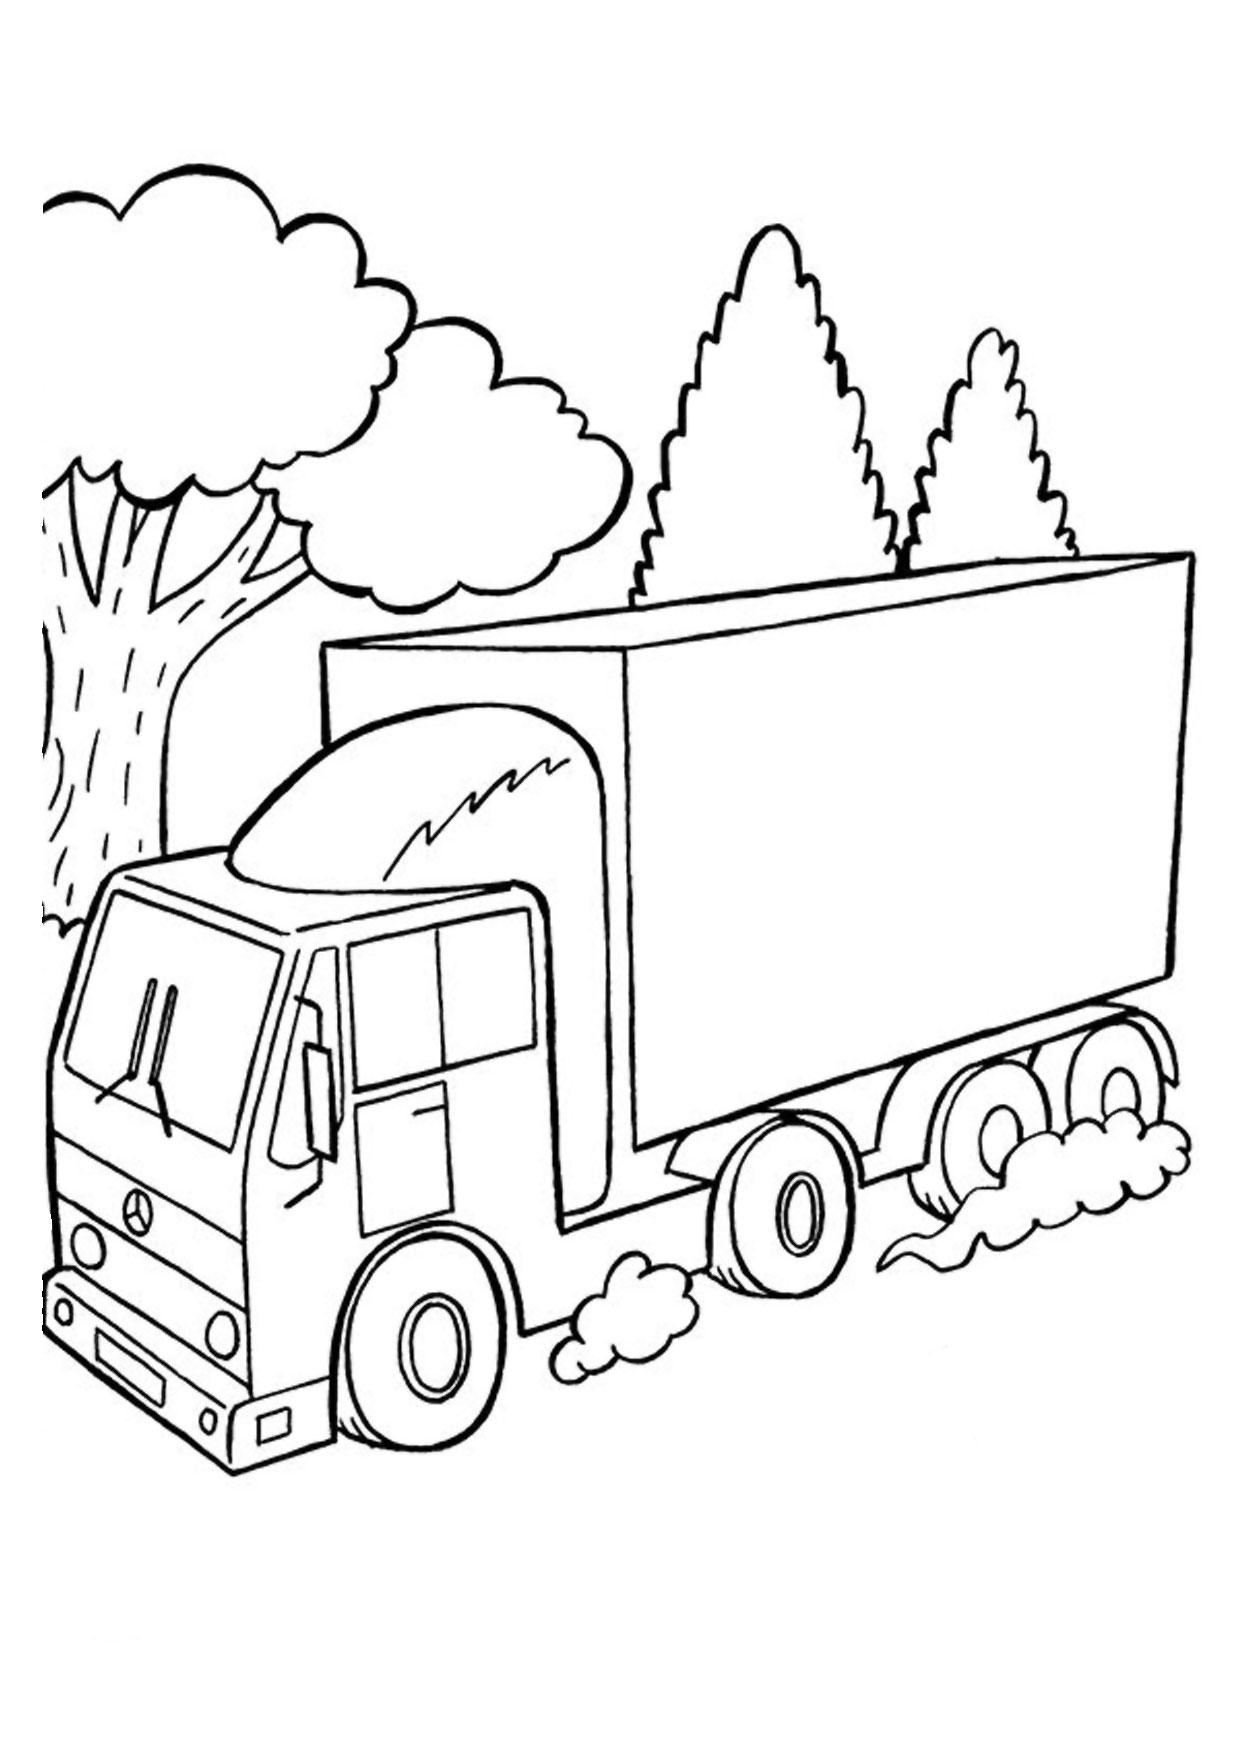 51 disegni di camion da colorare for Disegni di lupi da stampare